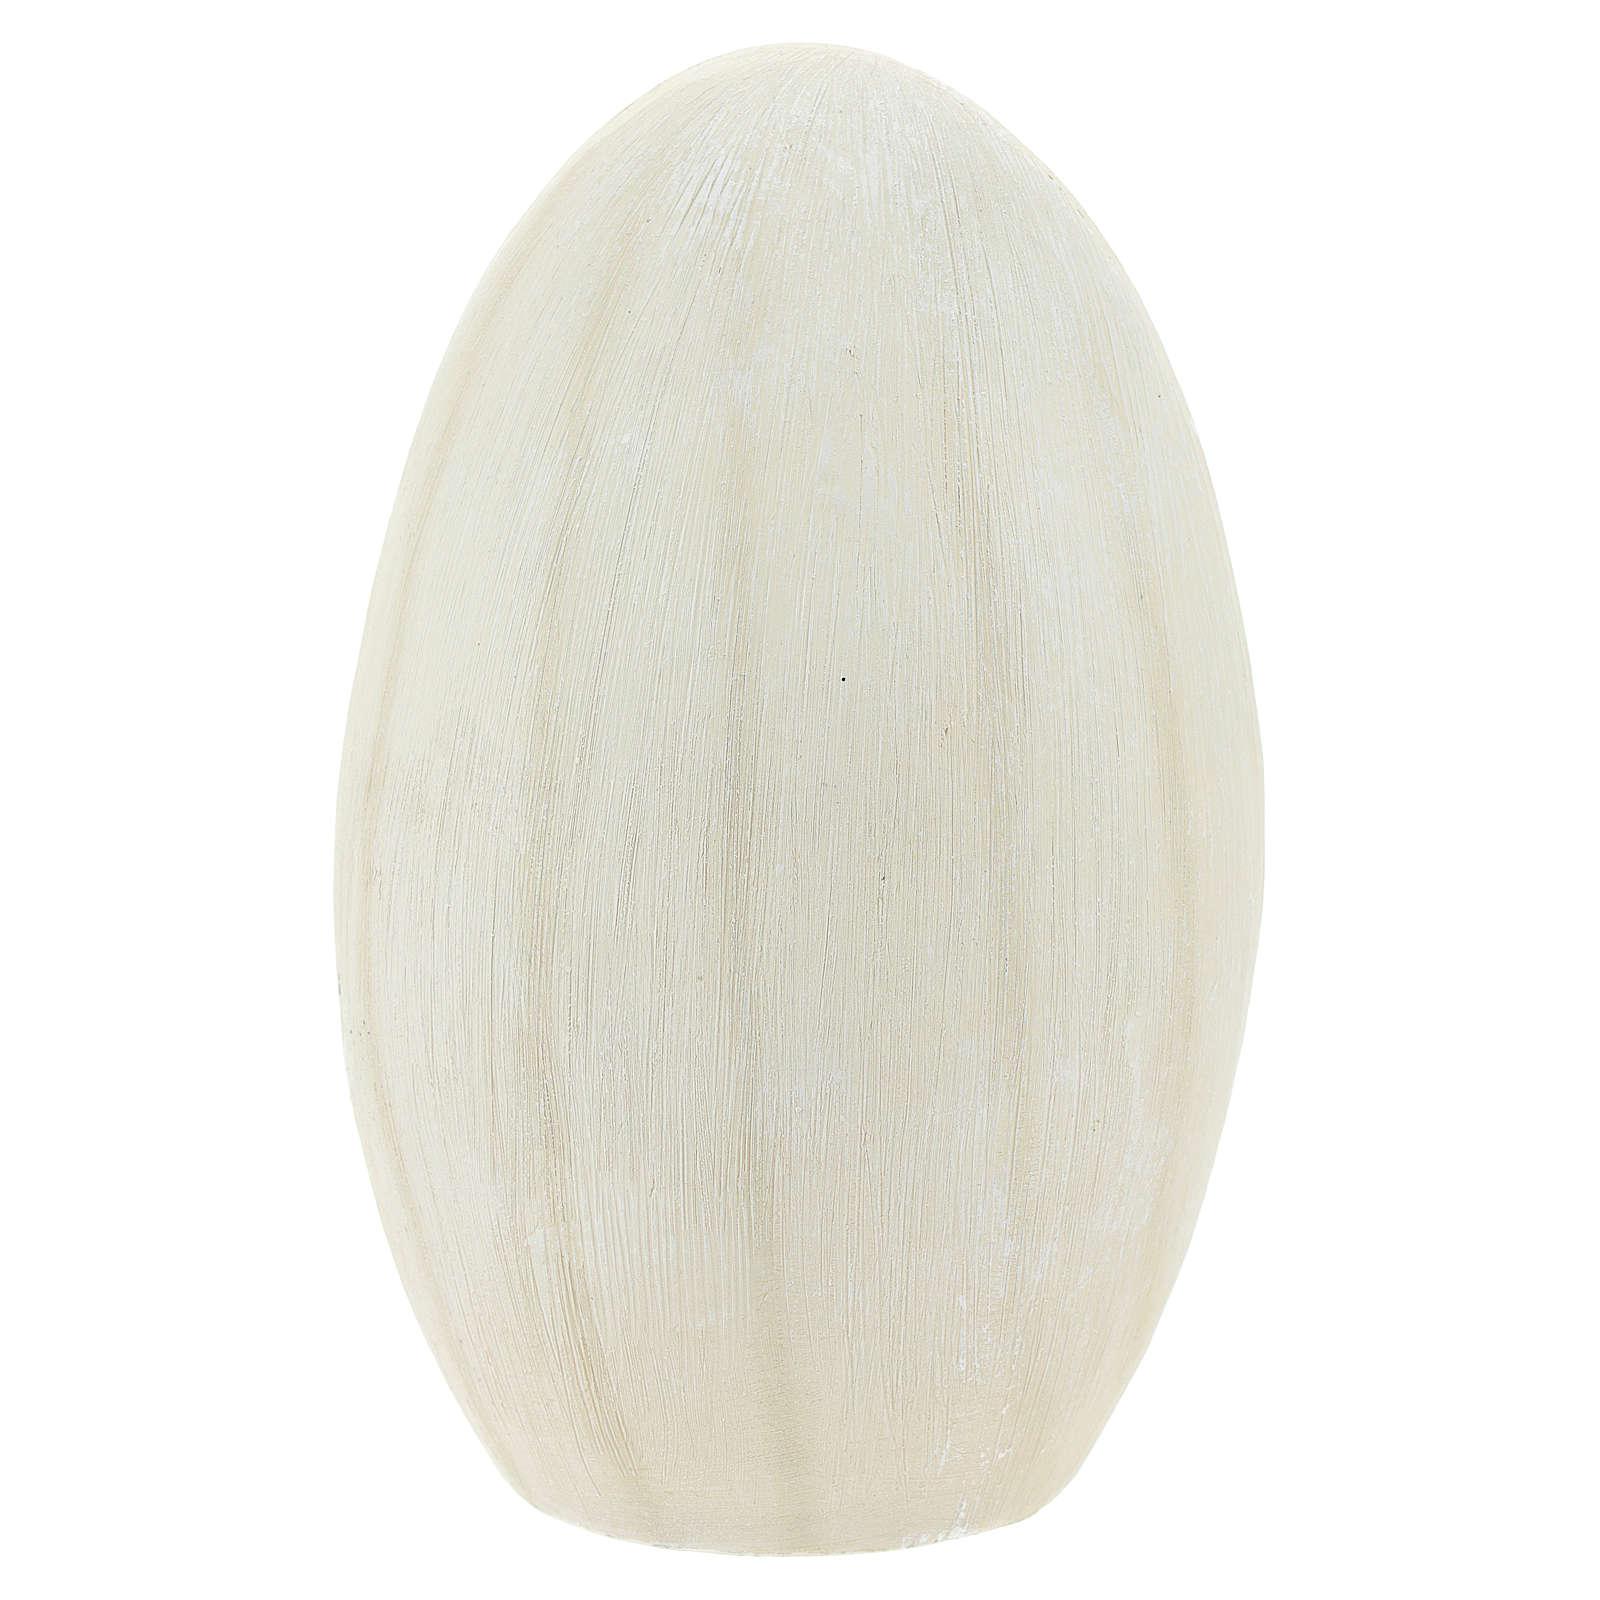 Natividad fondo ovalado 17 cm resina 3